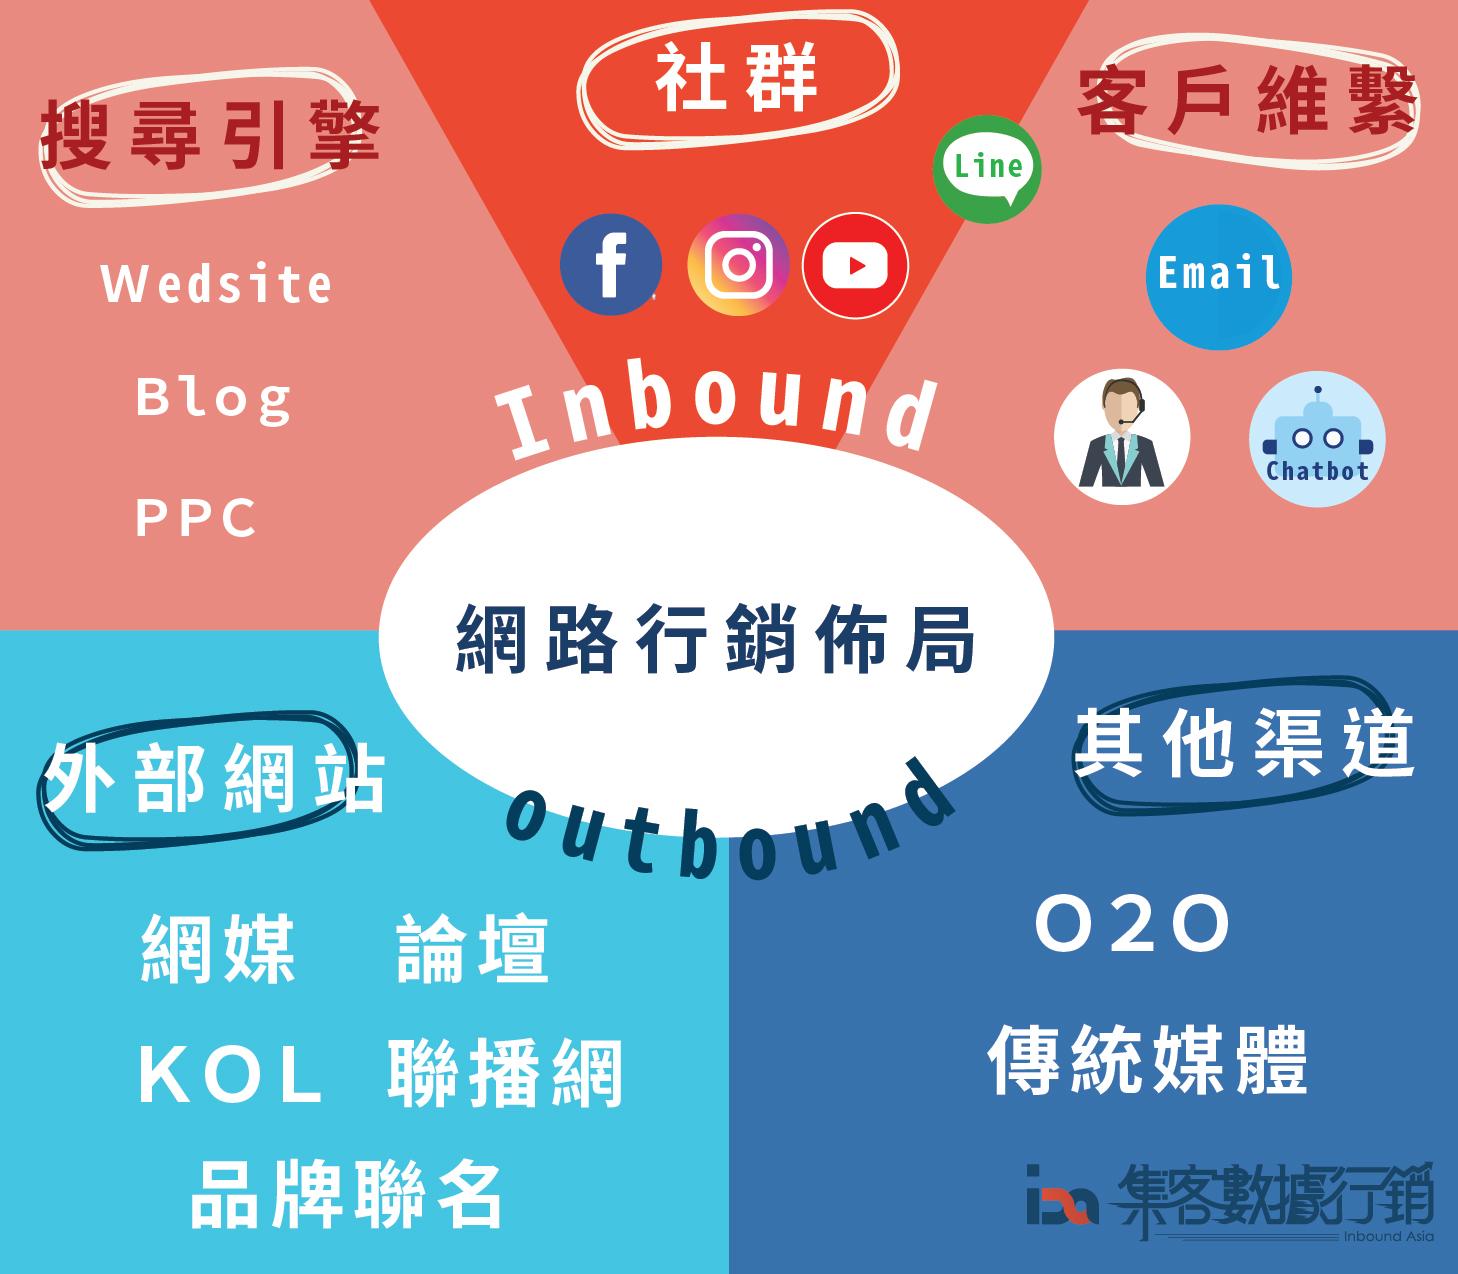 網路行銷佈局: 網站行銷、社群經營、線上廣告、論壇口碑、KOL、CRM